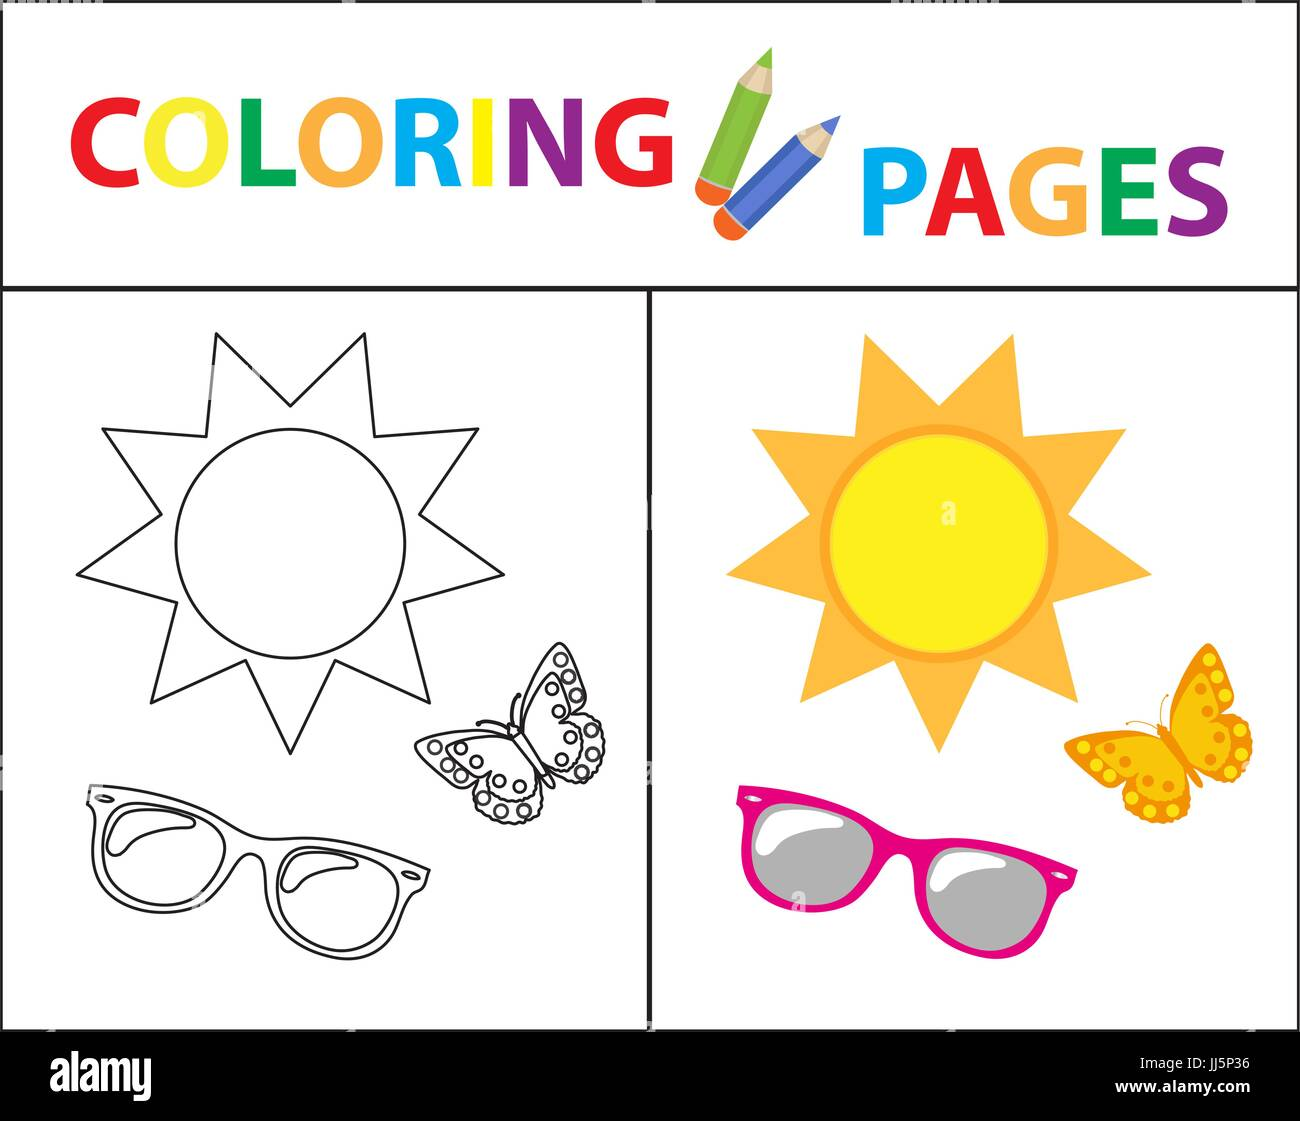 Fantastisch Kinder Färben Druckbare Seiten Fotos - Druckbare ...